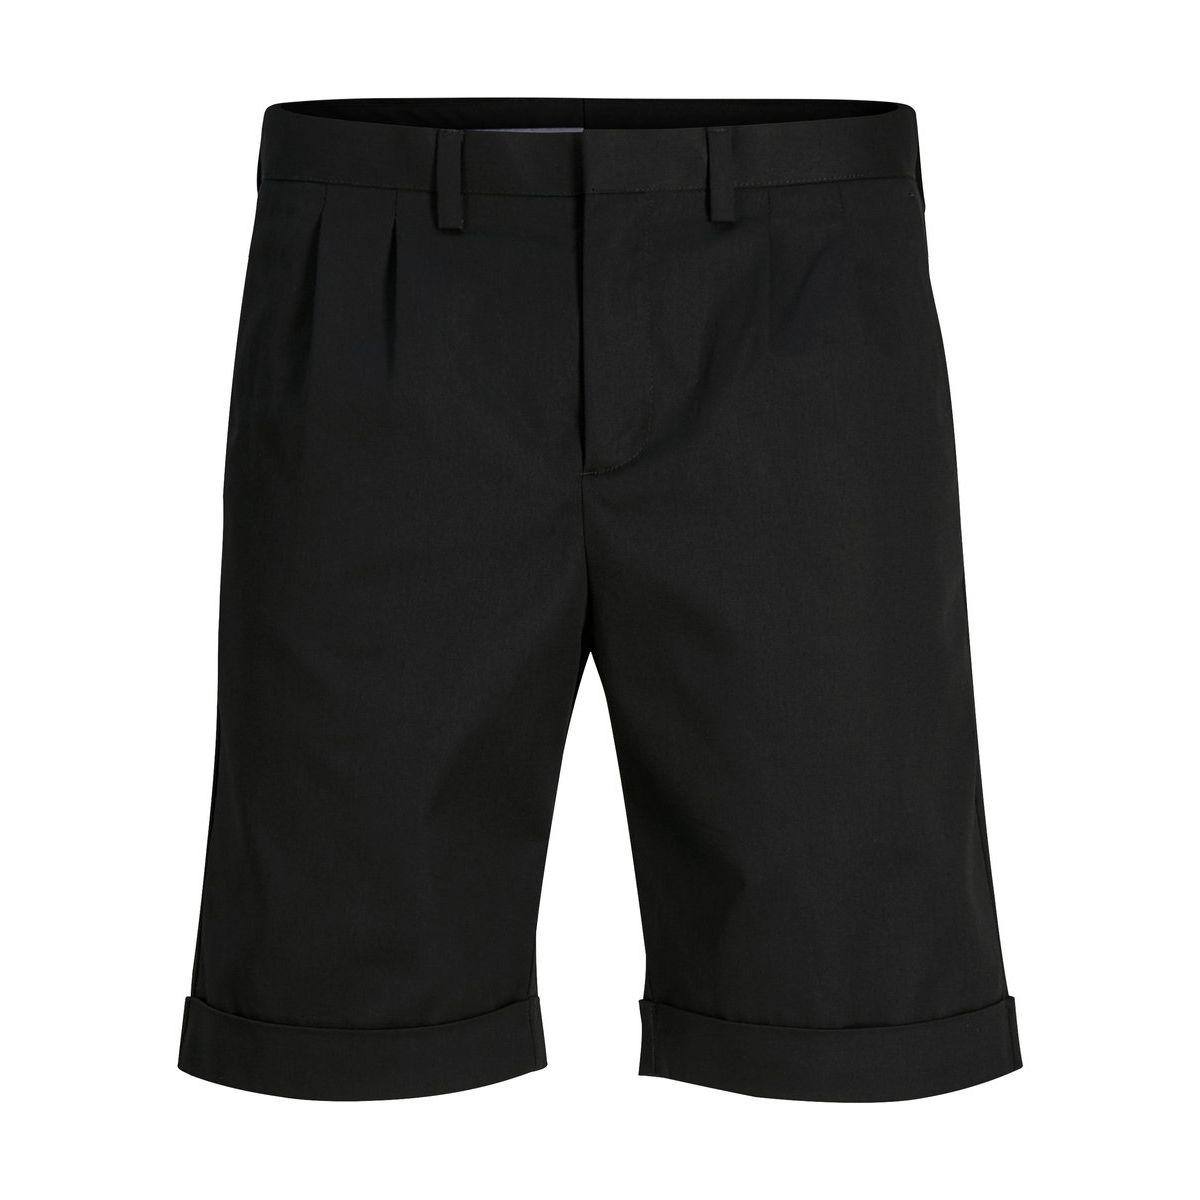 adidas originals Herren Shorts Equipment 18 Shorts in beige Bequemer Stoff stilvoller kontrastierender Kordelzug außen am elastischen Bund sorgt für